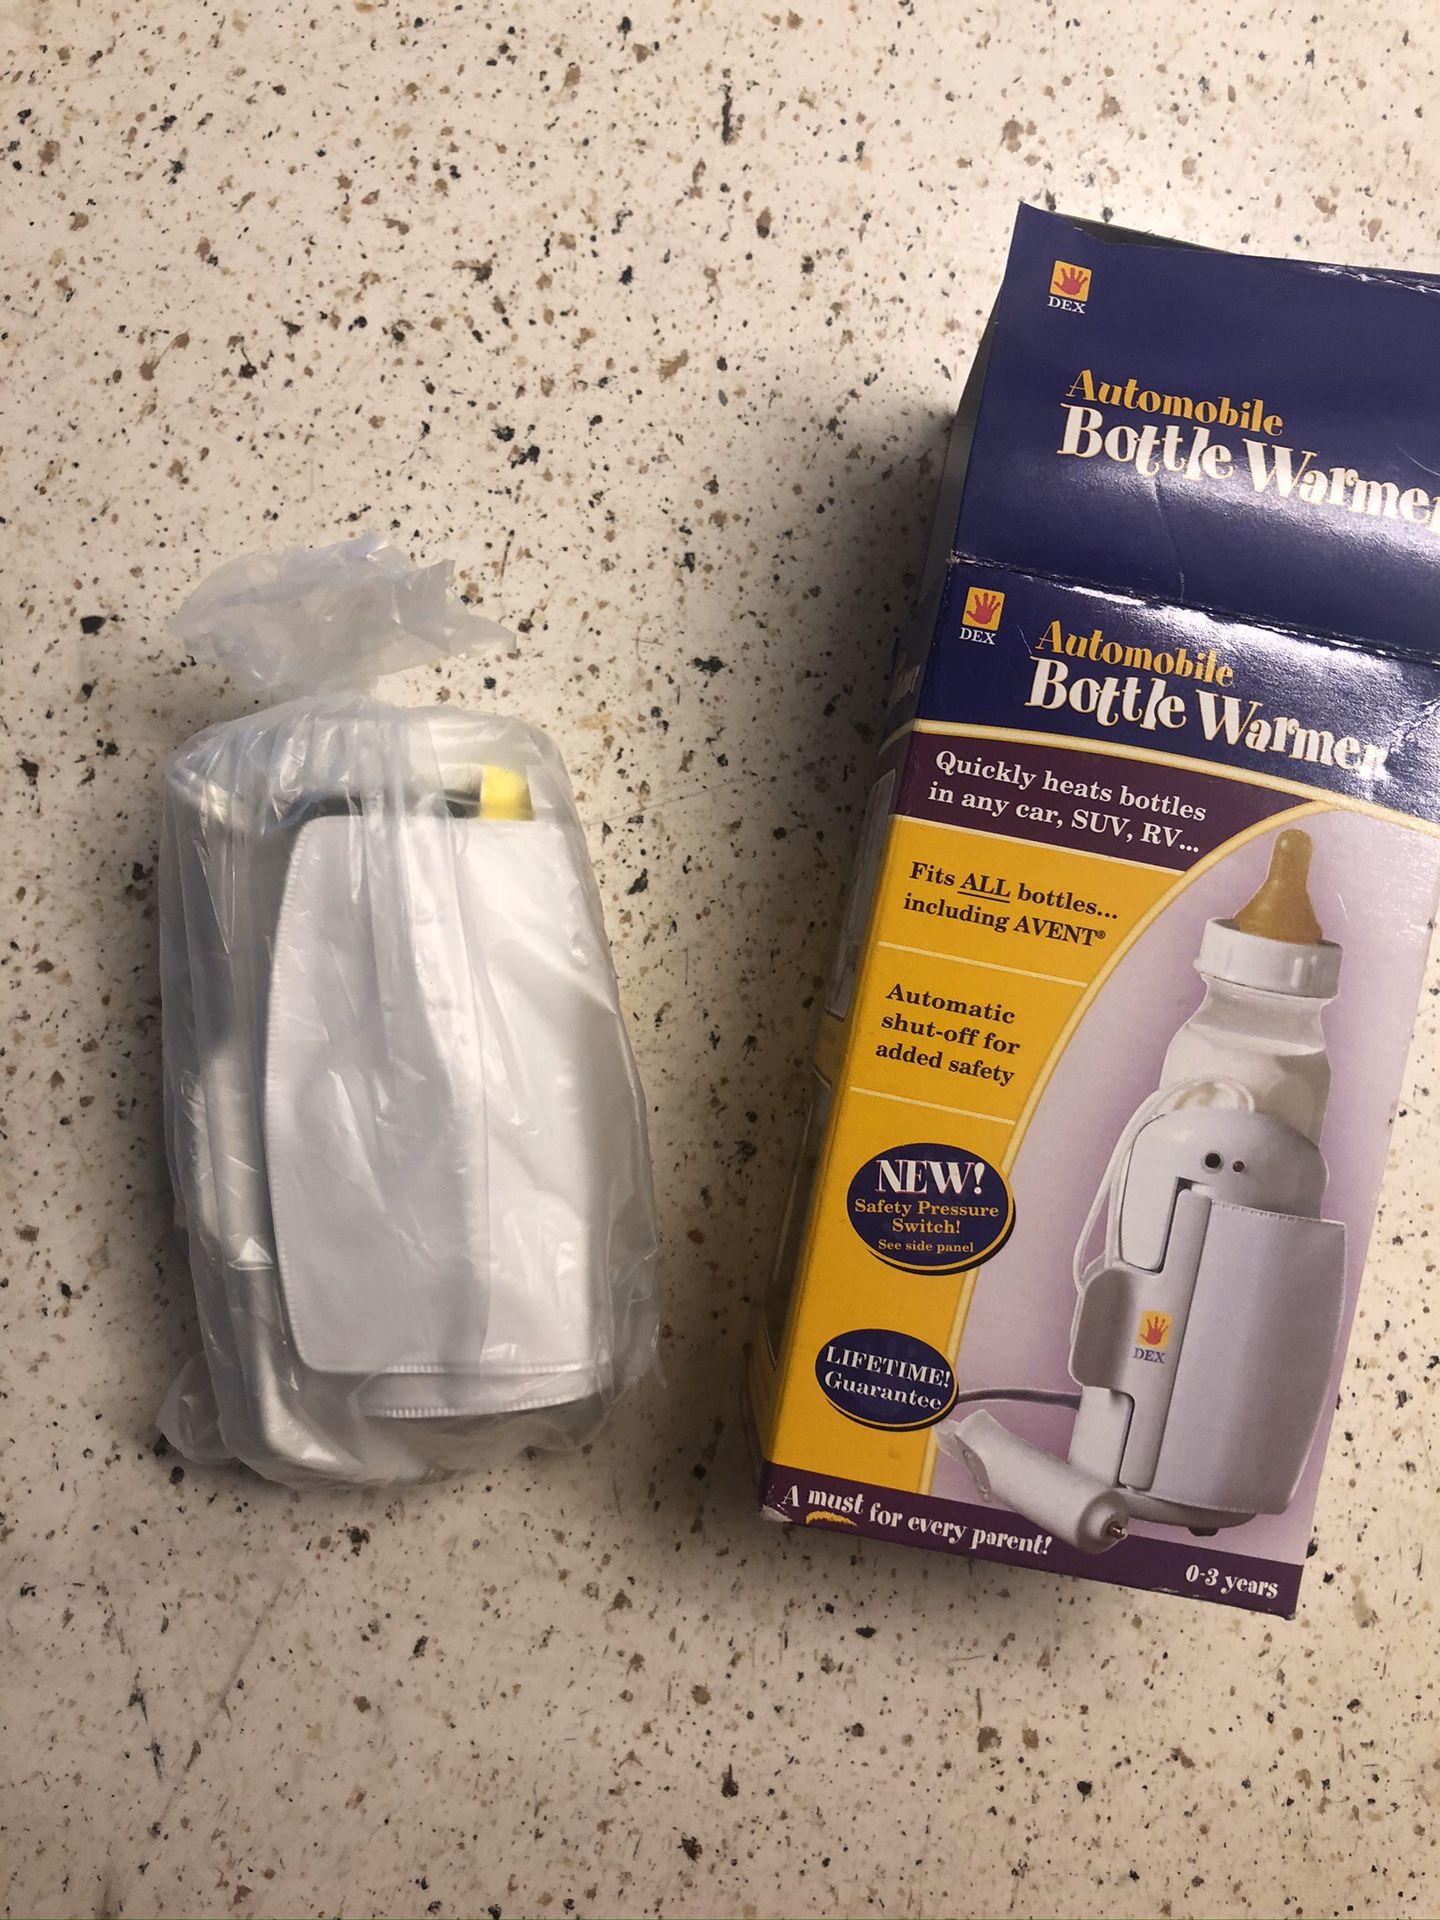 Automobile Bottle warmer